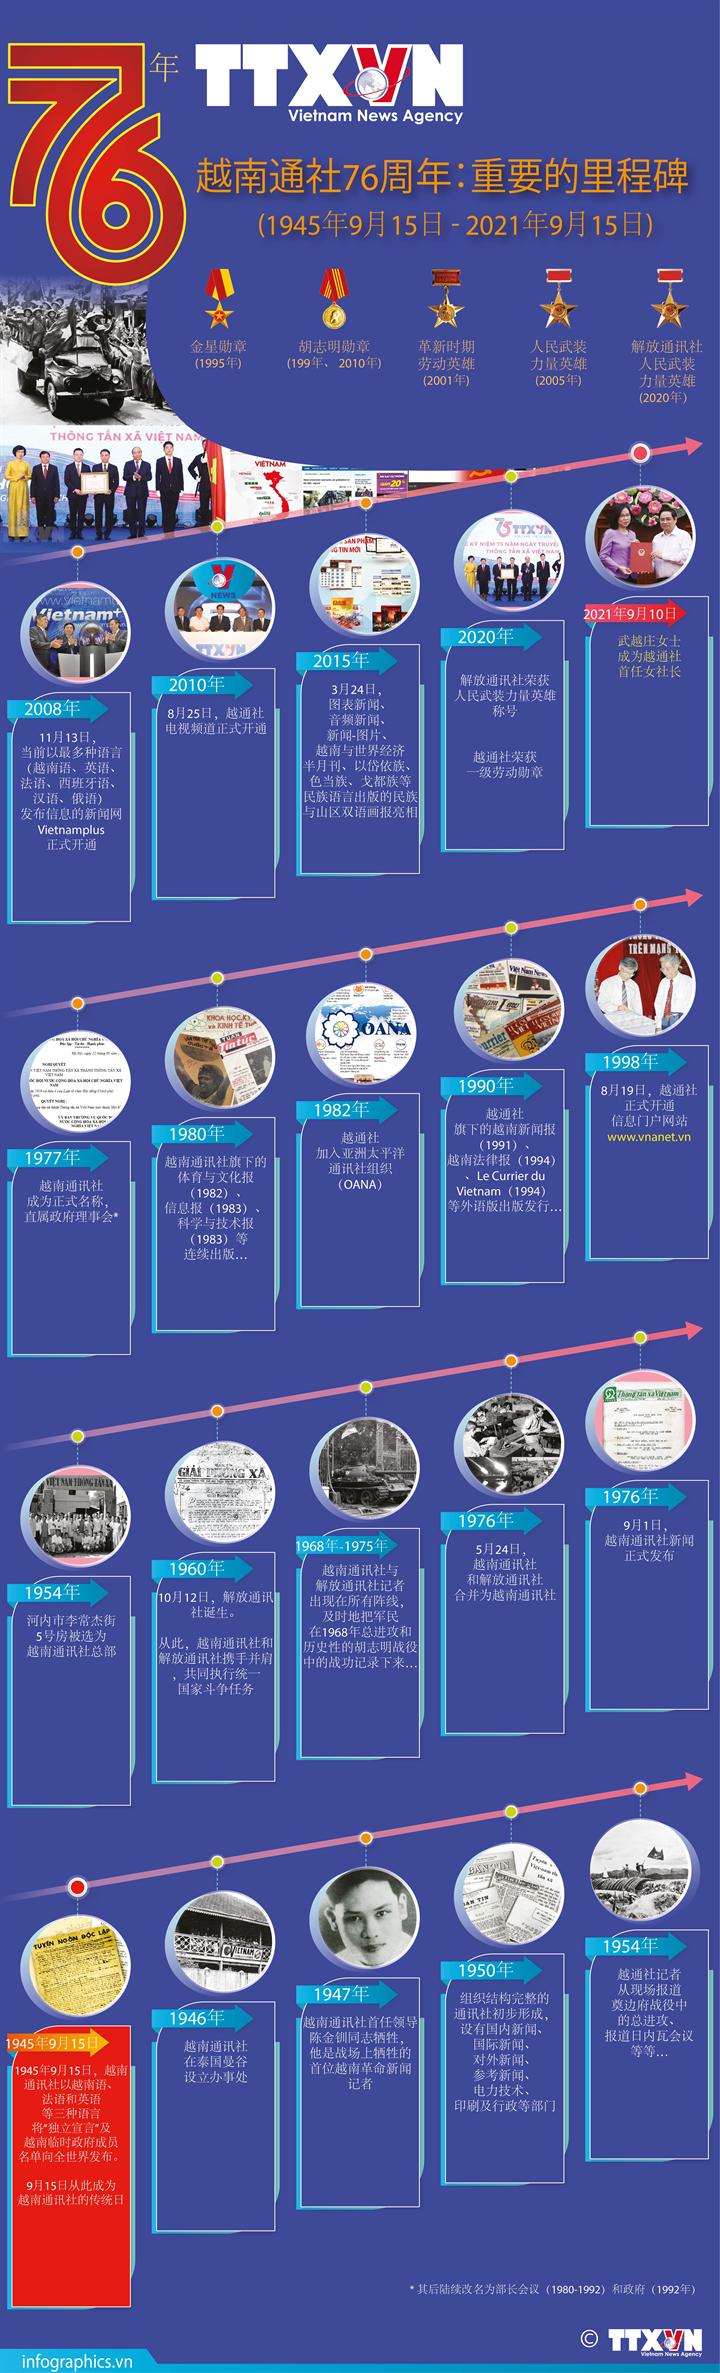 图表新闻:越南通讯社76周年:重要里程碑